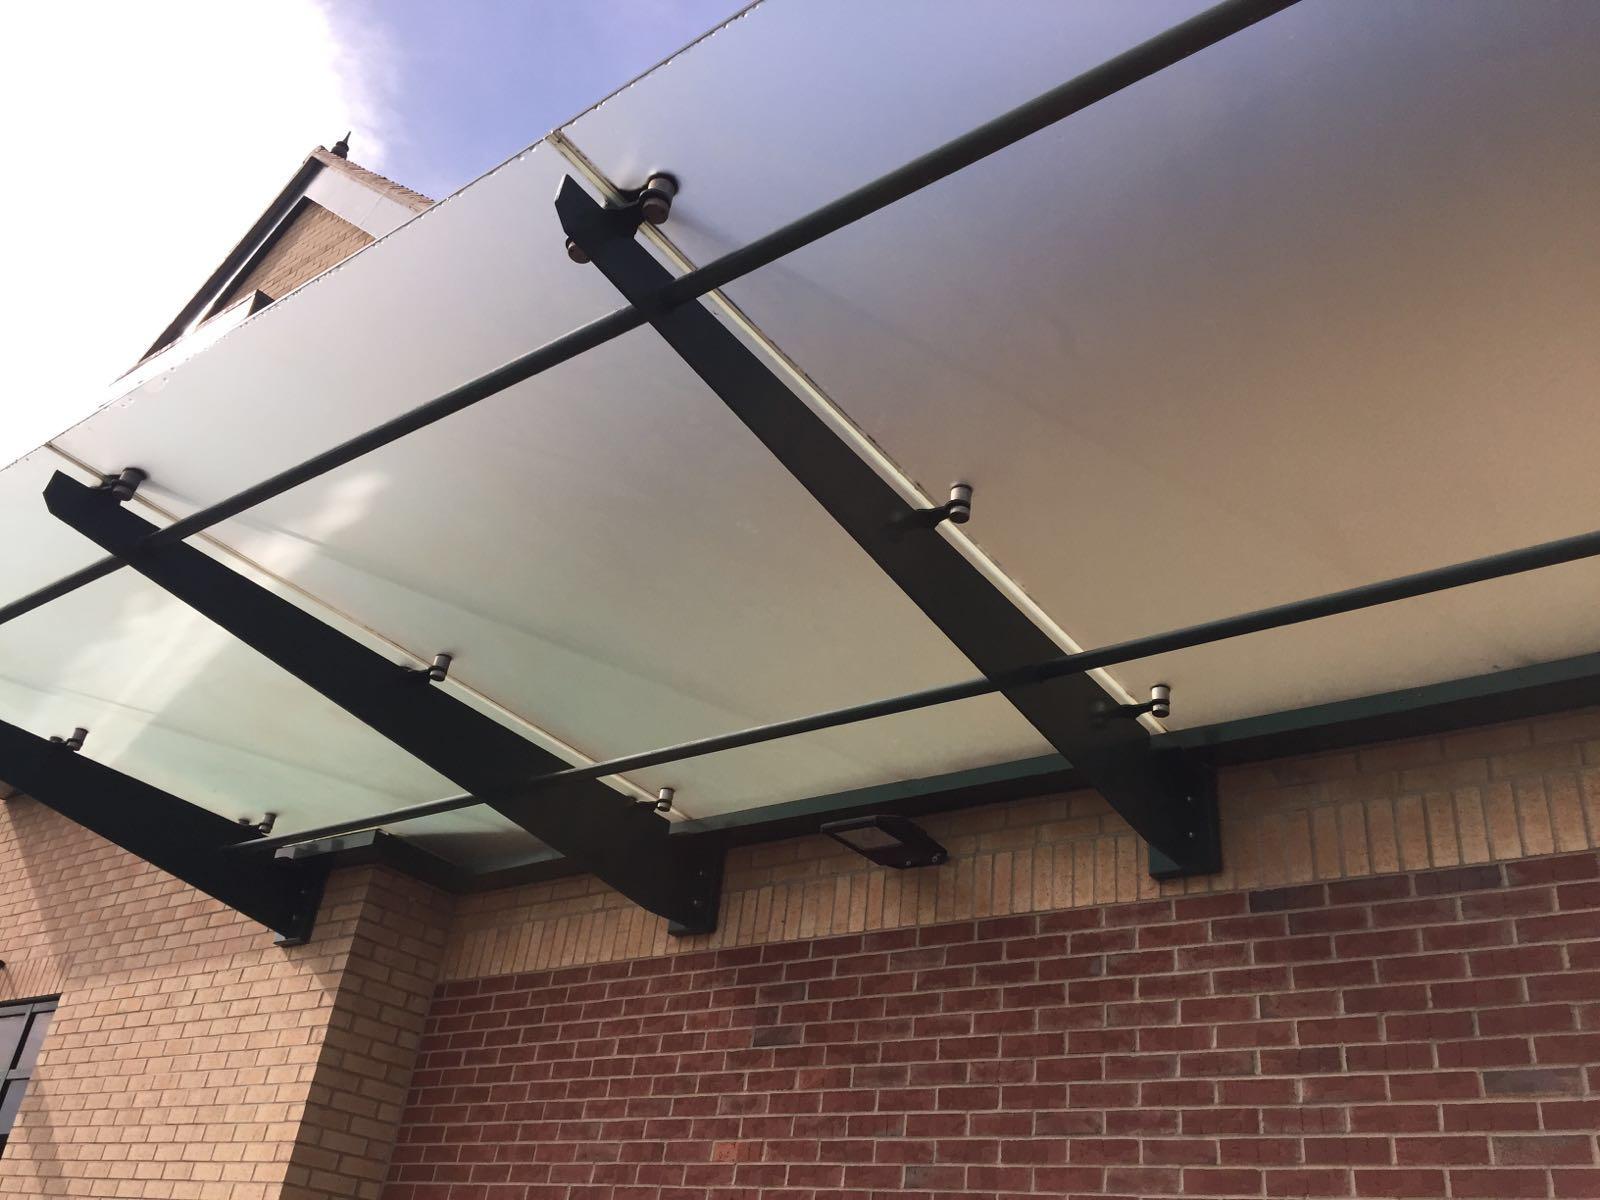 houghton regis clean canopy.jpg